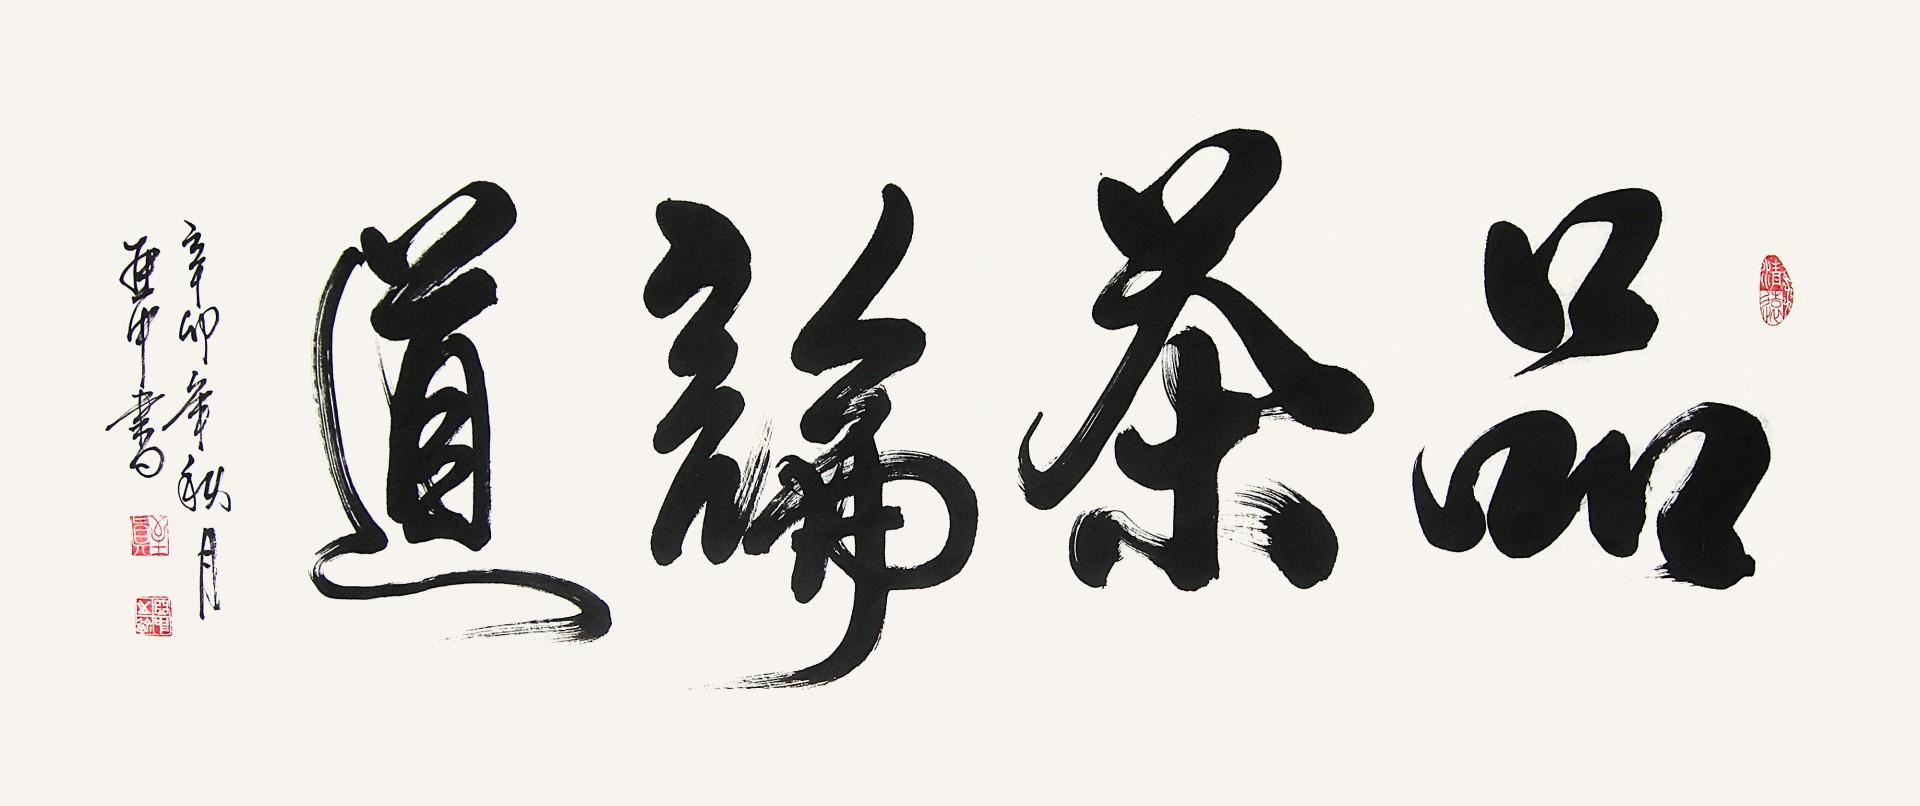 江阴这个人要火了 有人捧着千金上门就为了他的一个字